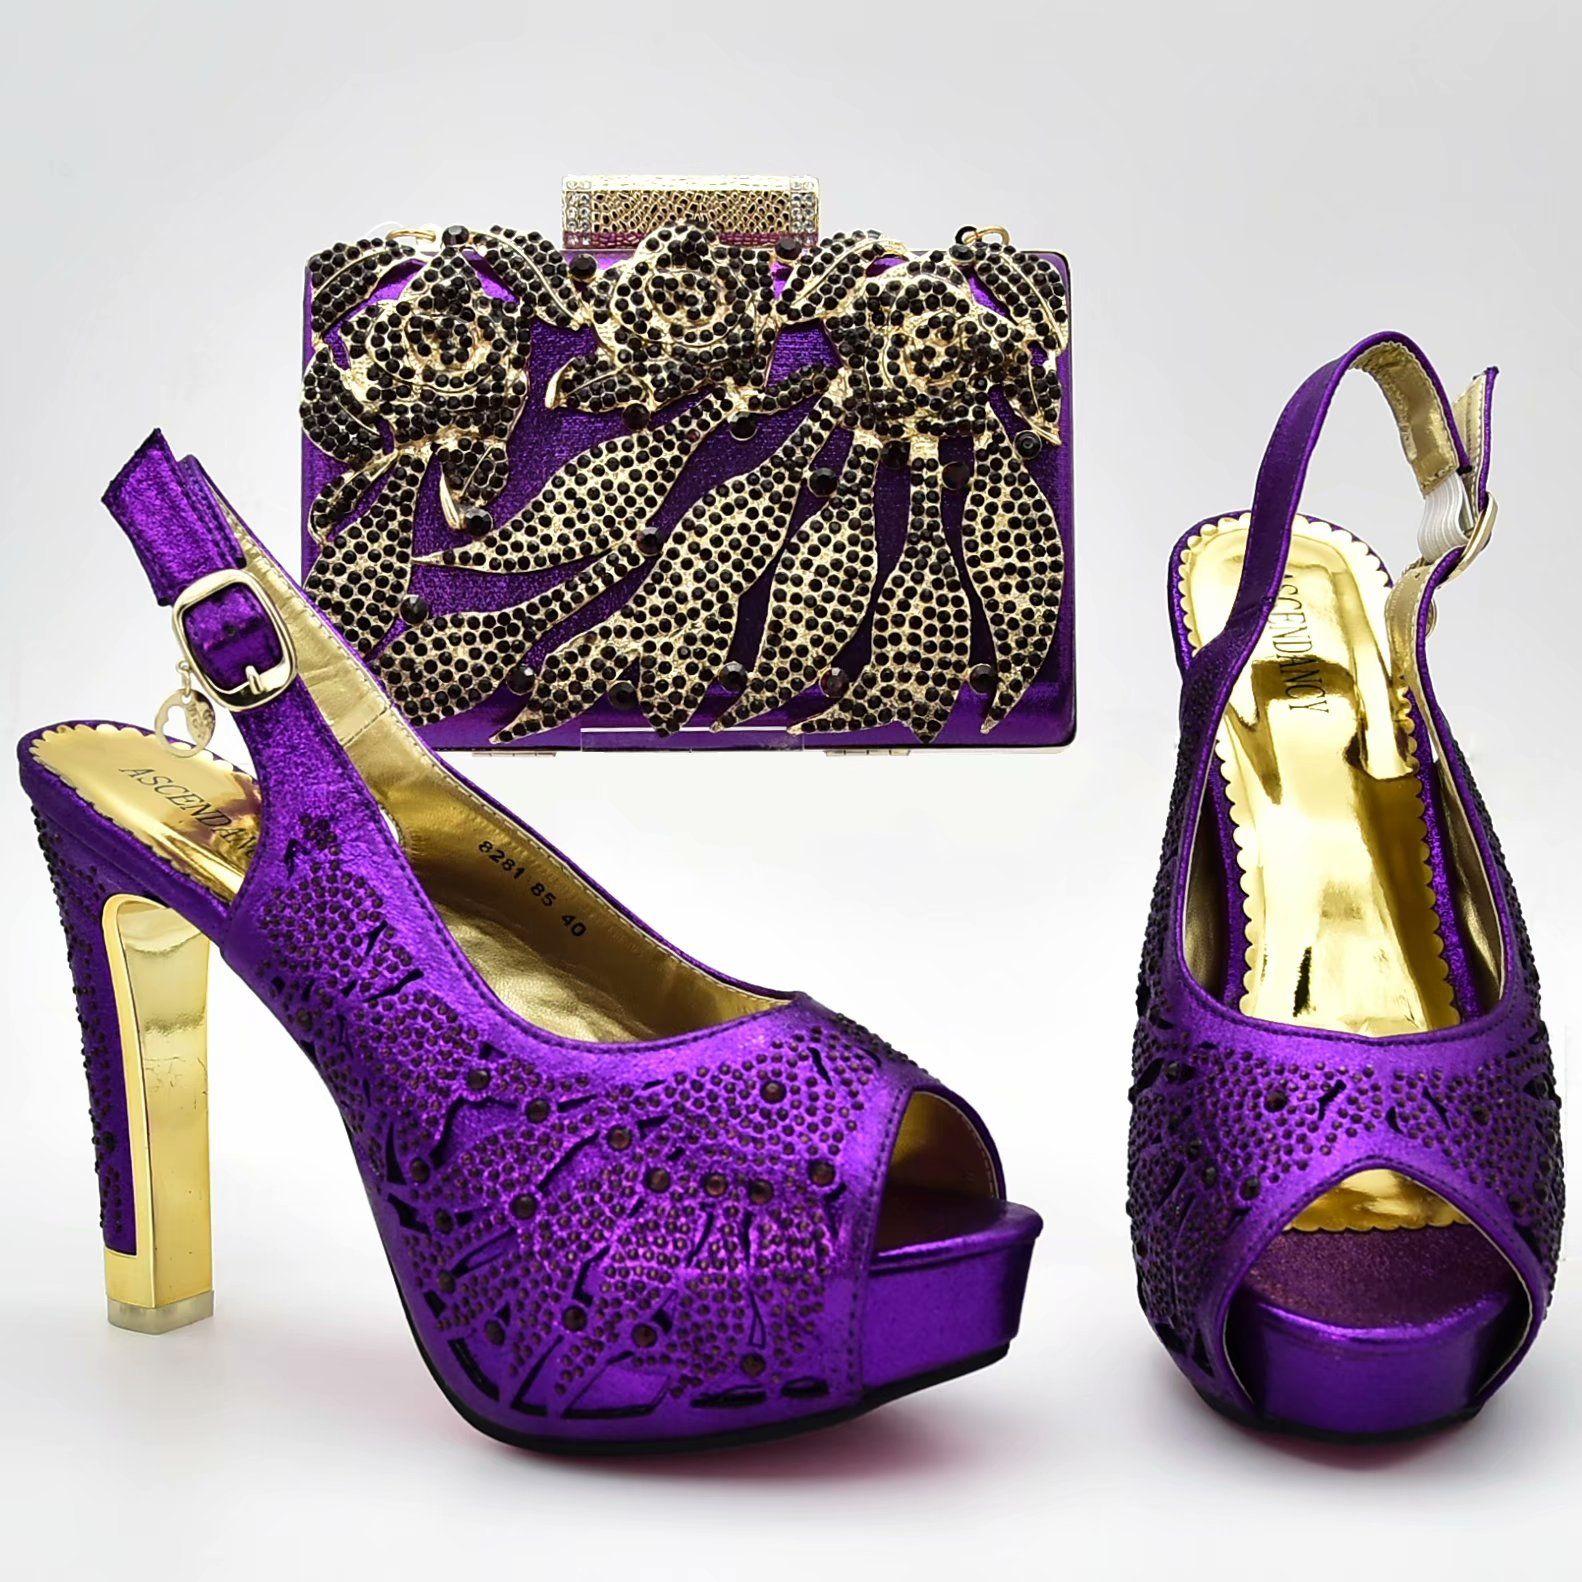 282046483857fb Acheter Chaussures Italiennes Avec Sac Assorti Escarpins Femmes 2018  Couleur Mauve Chaussures Africaines Africaines De $74.38 Du Mlk_africashoes  | DHgate.